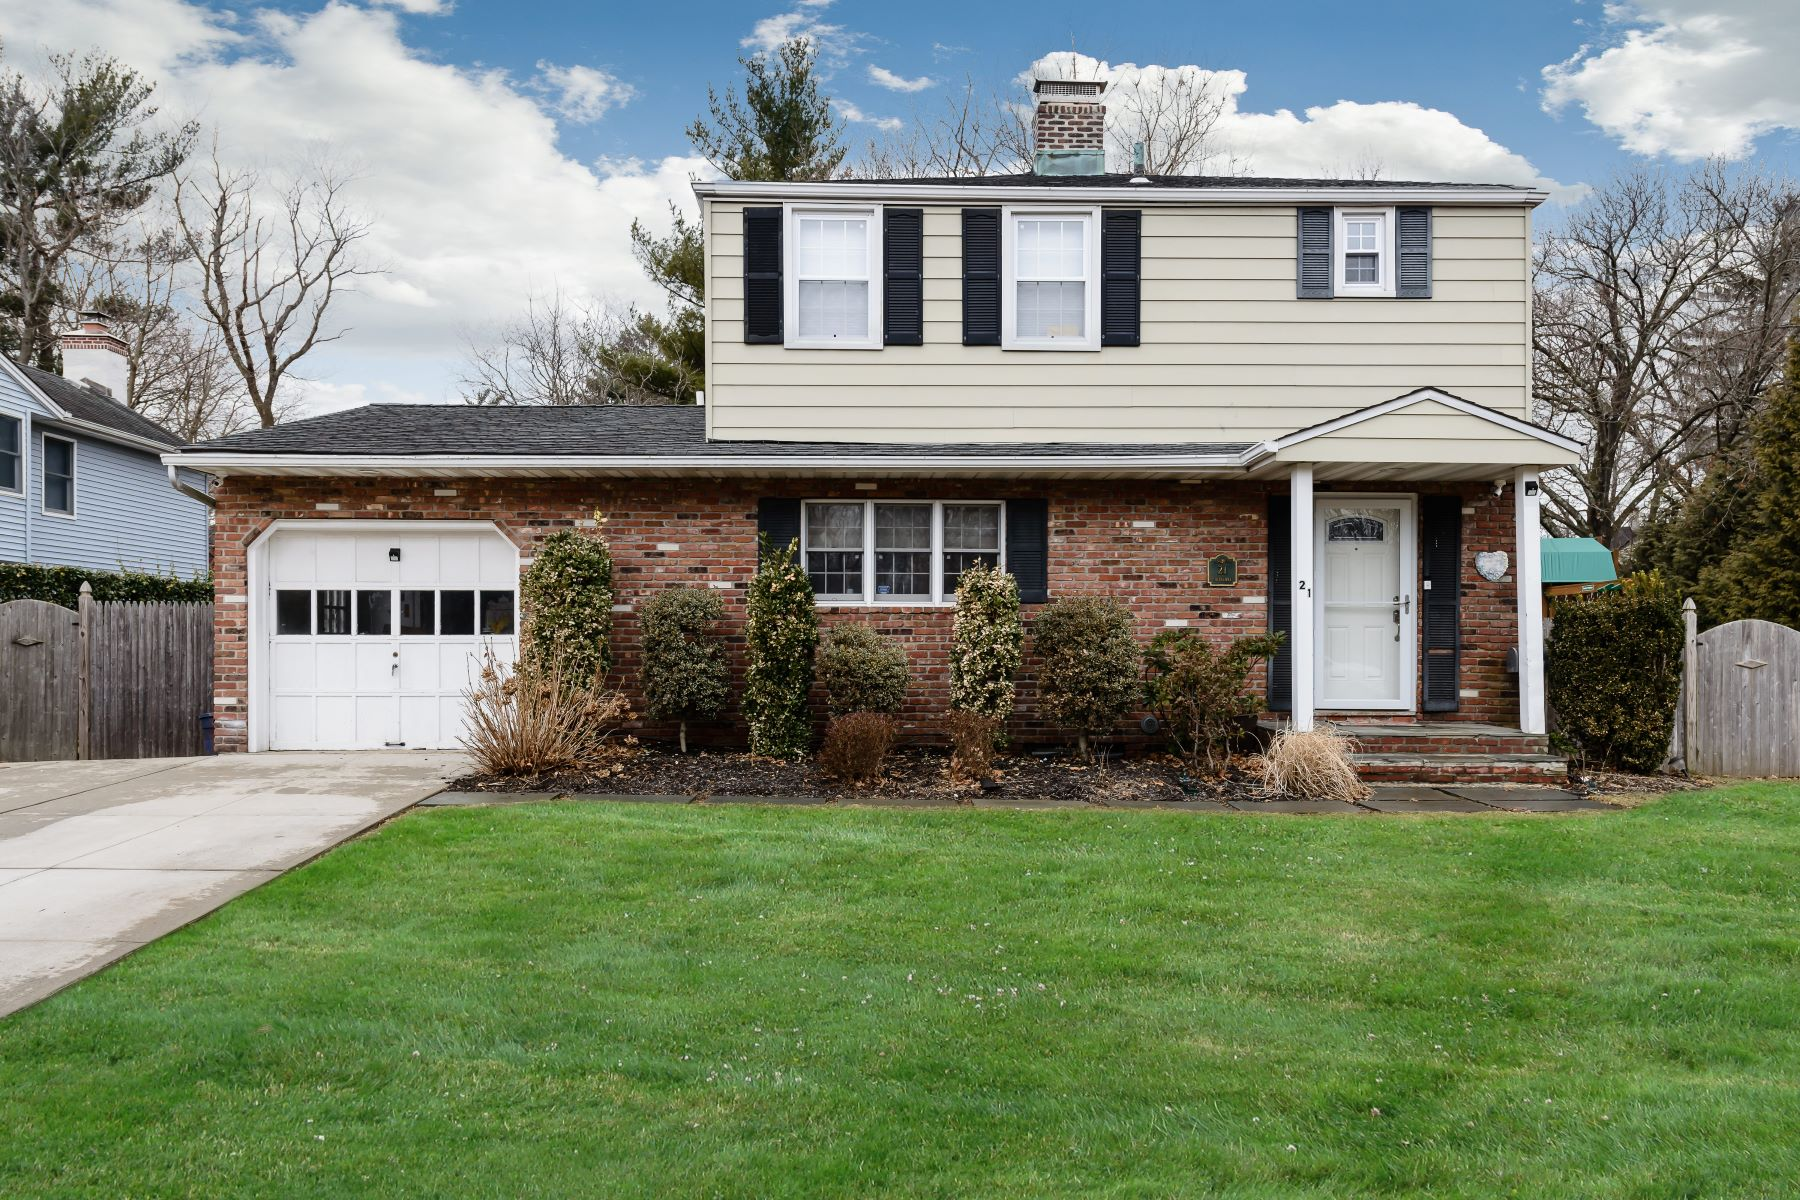 独户住宅 为 销售 在 21 Cherrytree Ln , Roslyn Heights, NY 11577 21 Cherrytree Ln, 罗斯林高地, 纽约州, 11577 美国